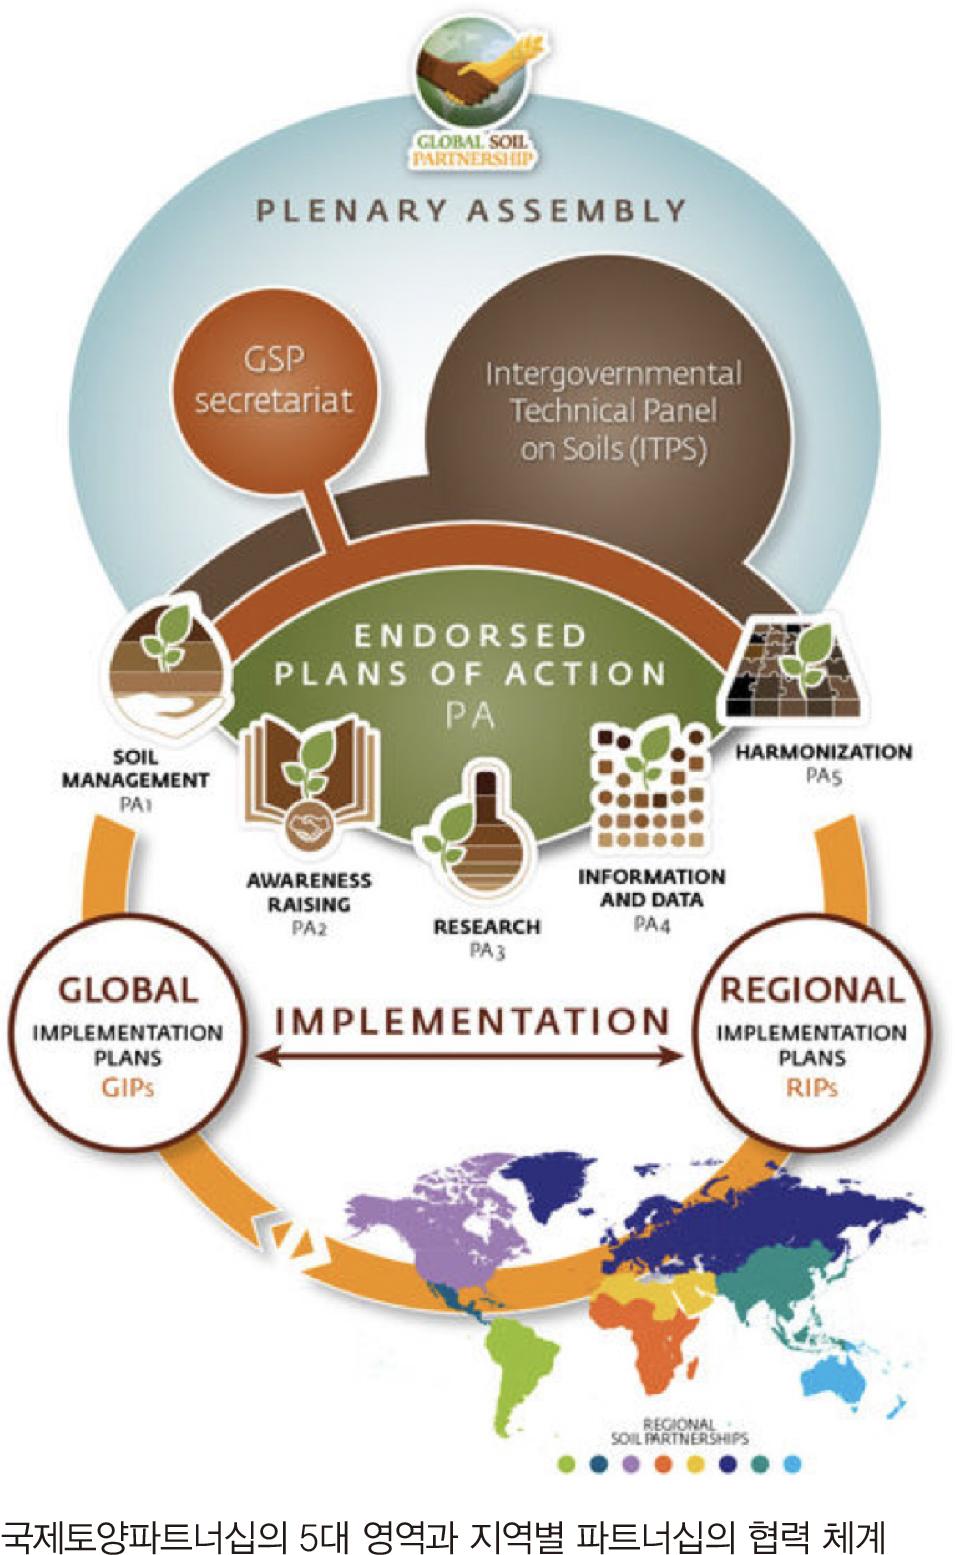 국제토양파트너십의 5대 영역과 지역별 파트너십의 협력 체계